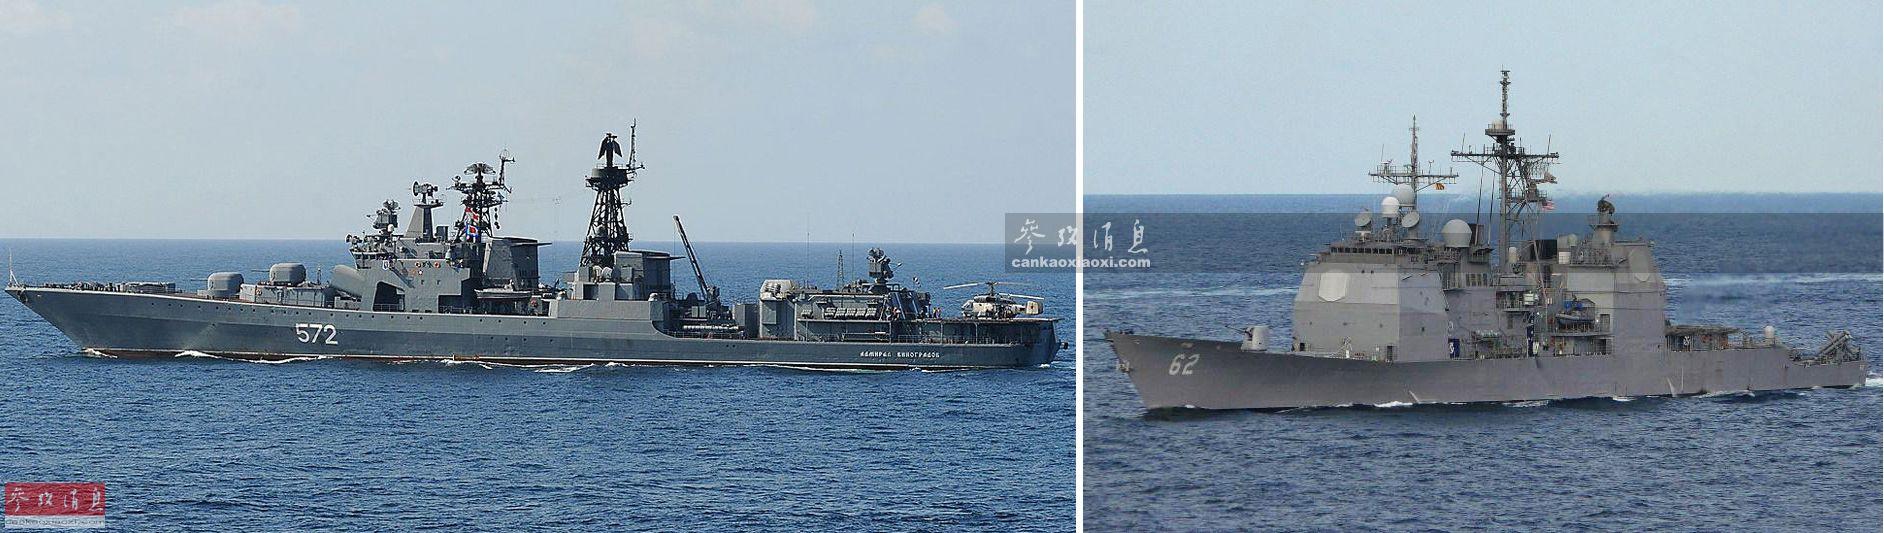 """针对这一事件,美俄双方各执一词,图为此次事件的两艘主角舰,左为俄军""""维诺格拉多夫海军上将""""号(DD-572,无畏级)反潜驱逐舰,右为美军""""钱瑟勒斯维尔""""号(CG-62,提康德罗加级)导弹巡洋舰。"""